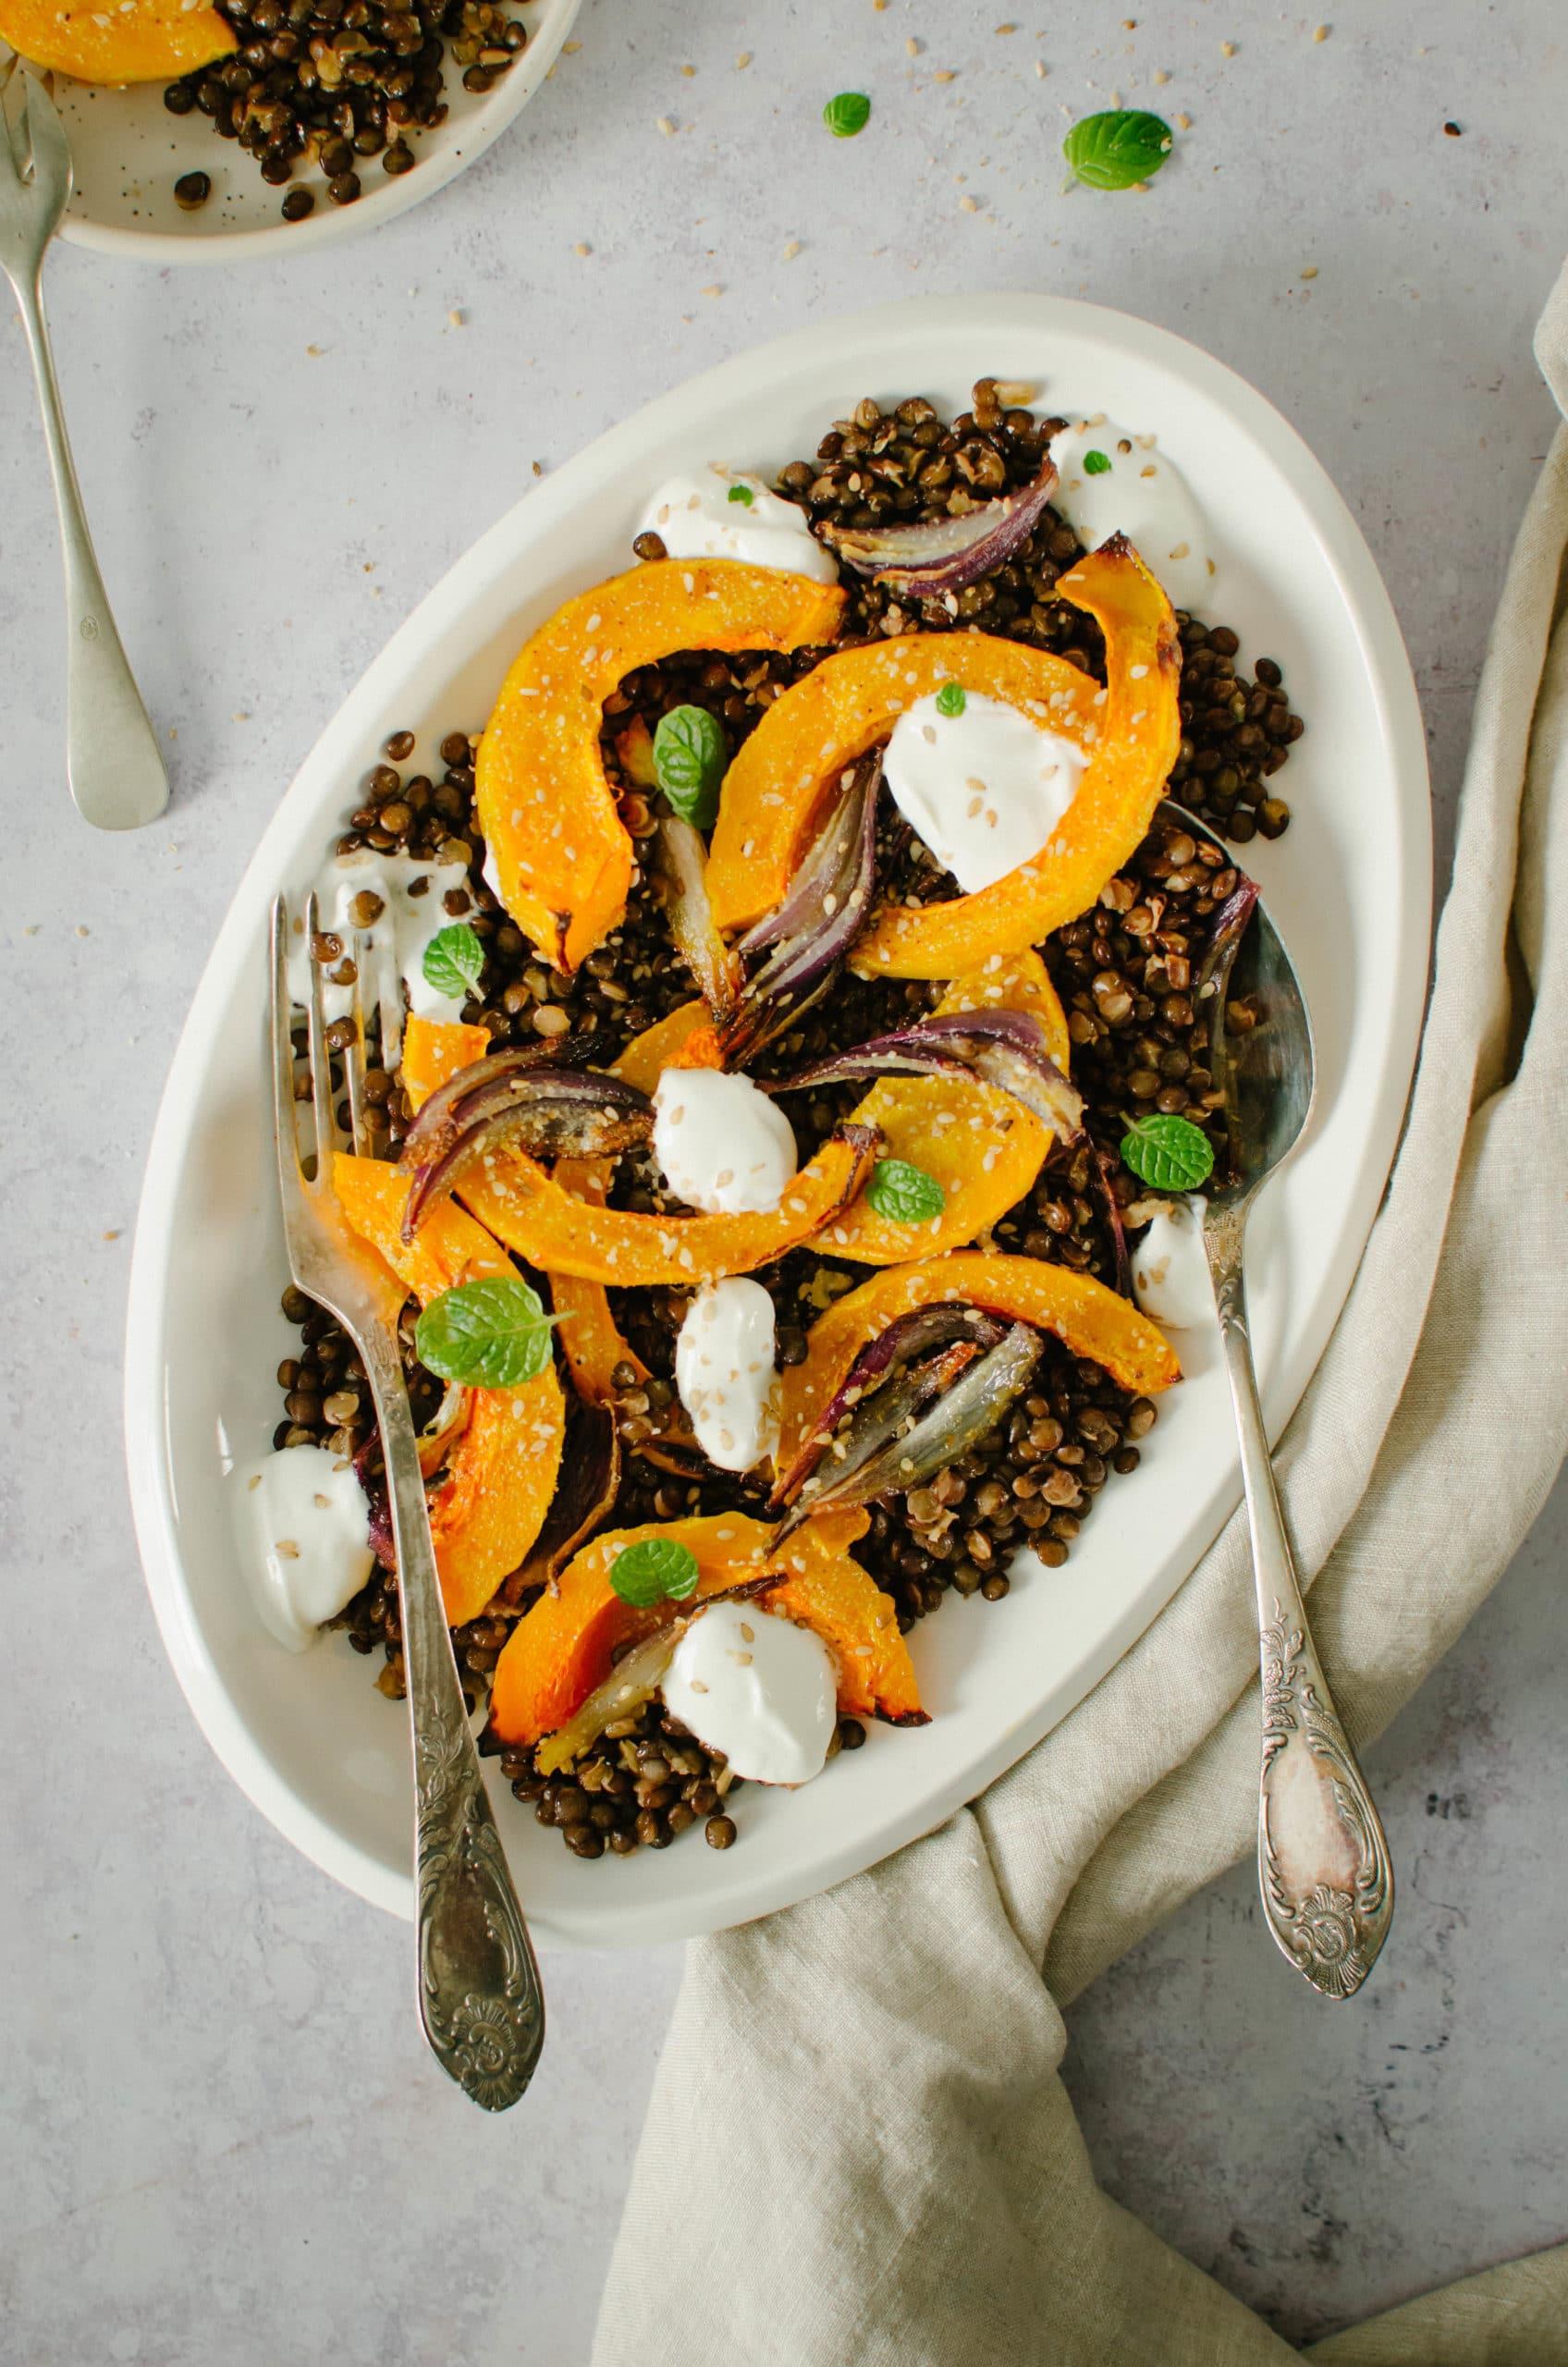 courge et salade de lentilles